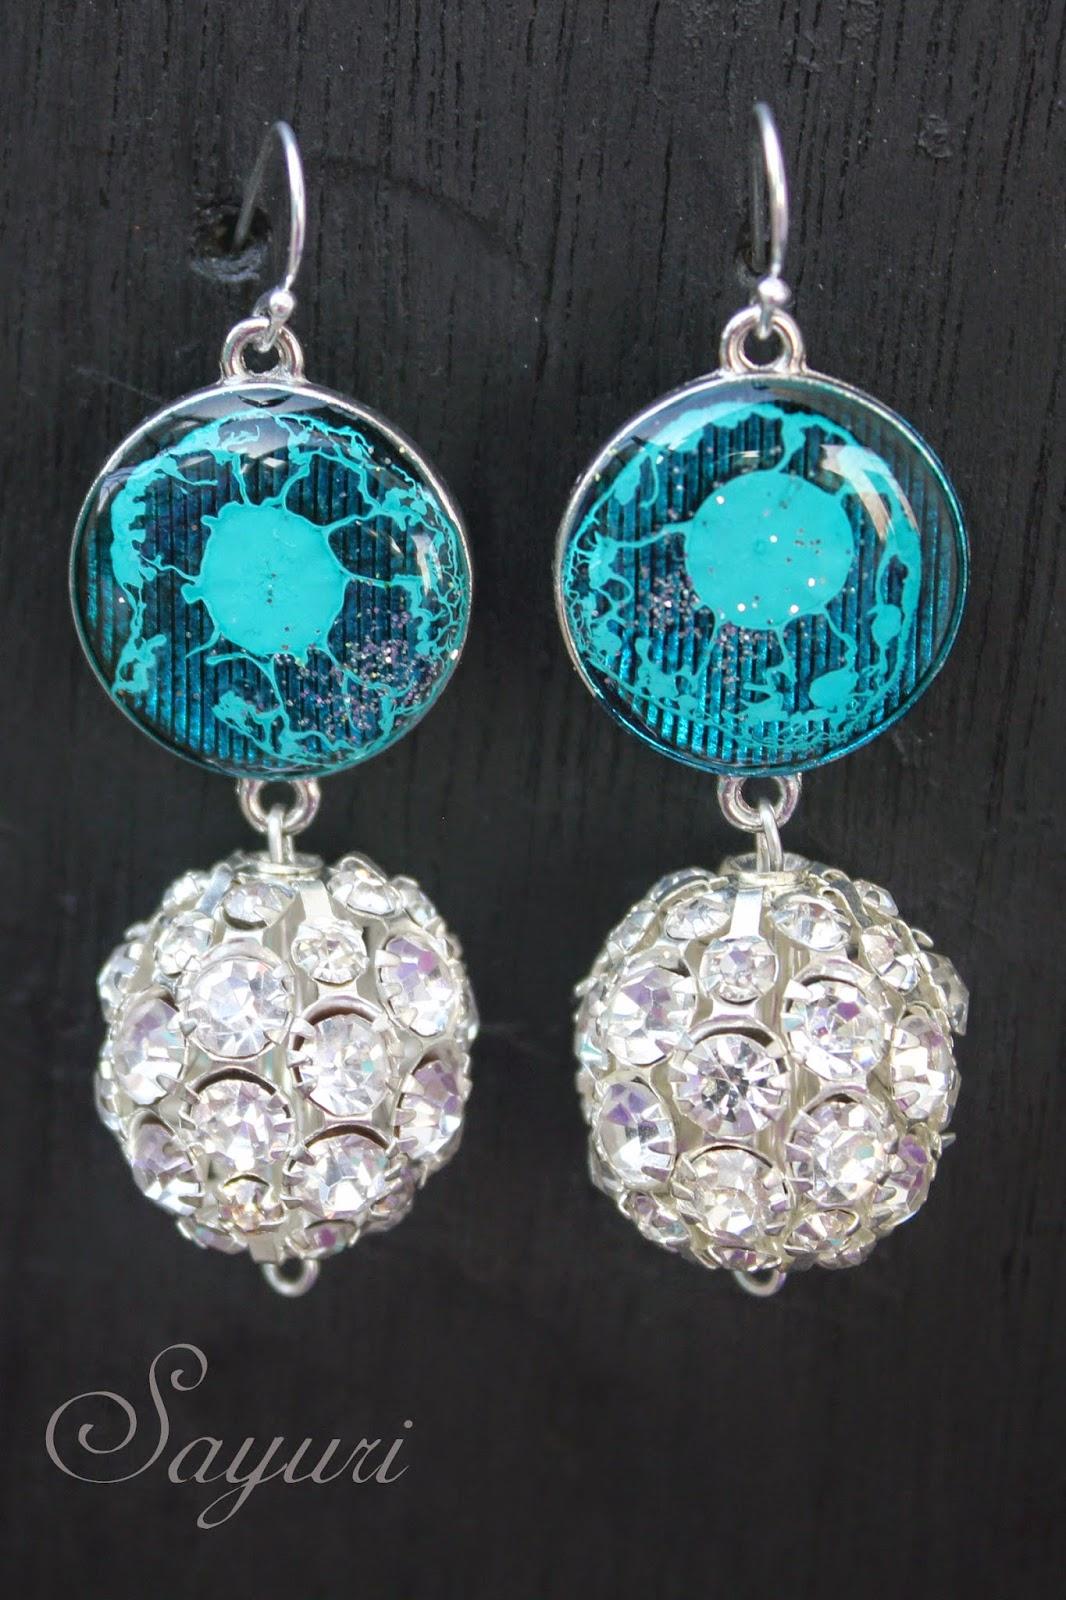 Translucent Bling resin earrings